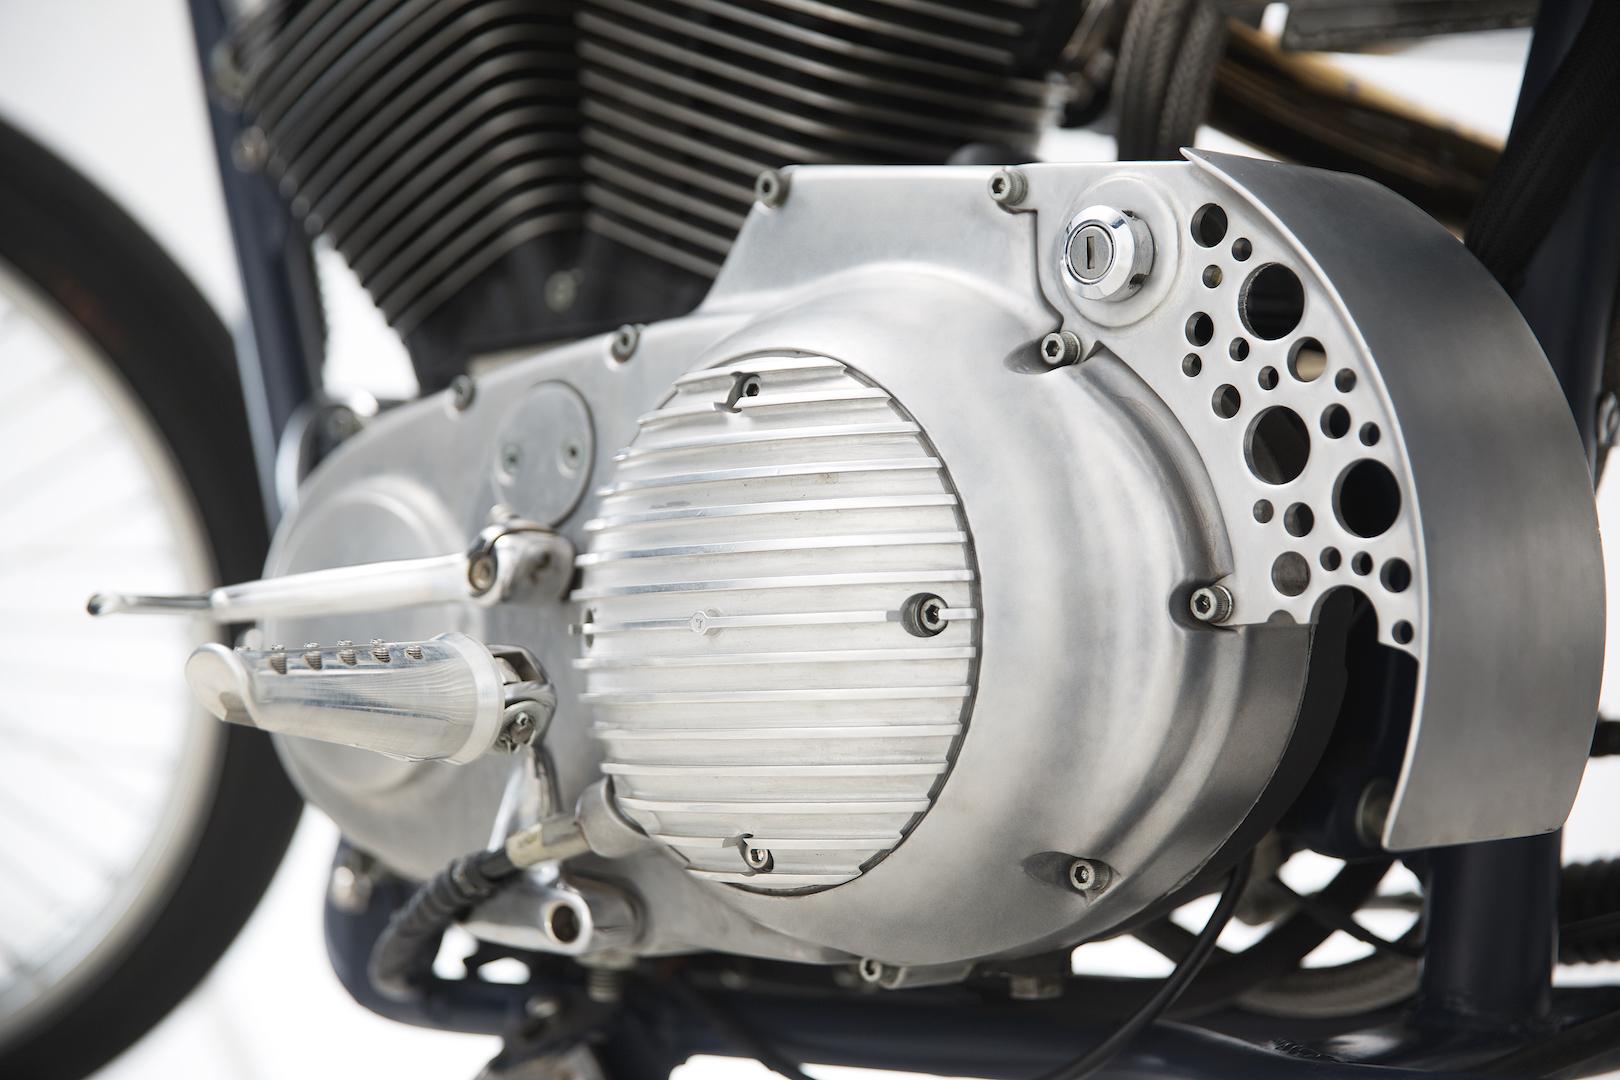 Kuzuri_Custom_Sportster_Details_ThriveMC_Moto-Mucci (19).jpg